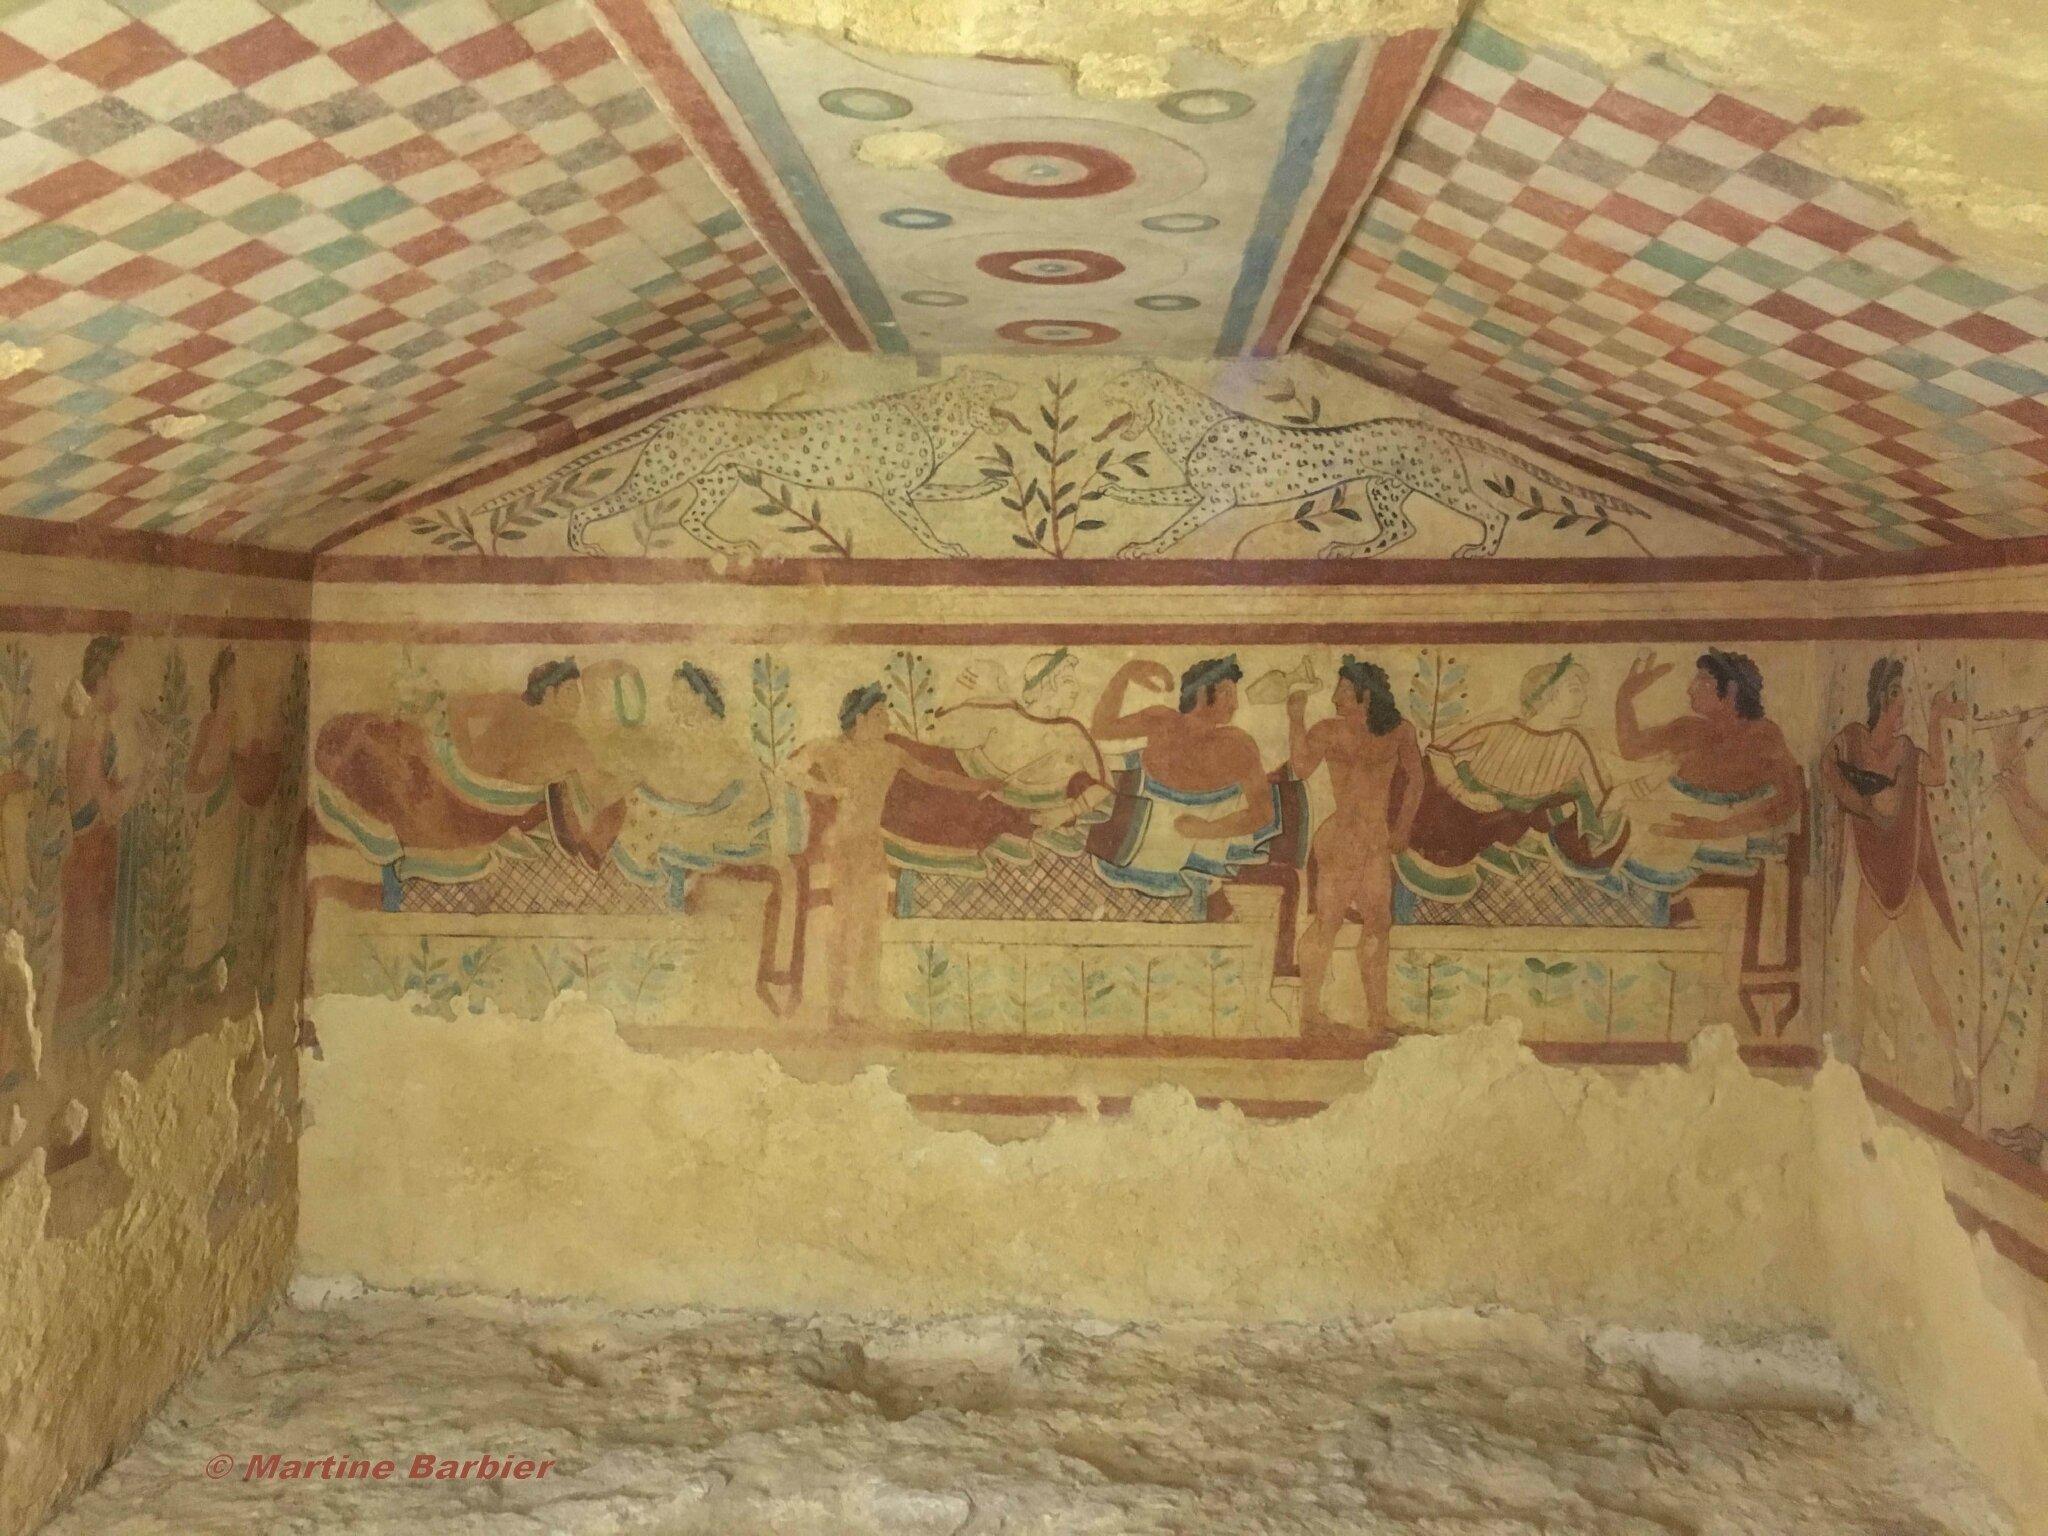 Tarquinia (nécropole étrusque, aux 6000 tombes)